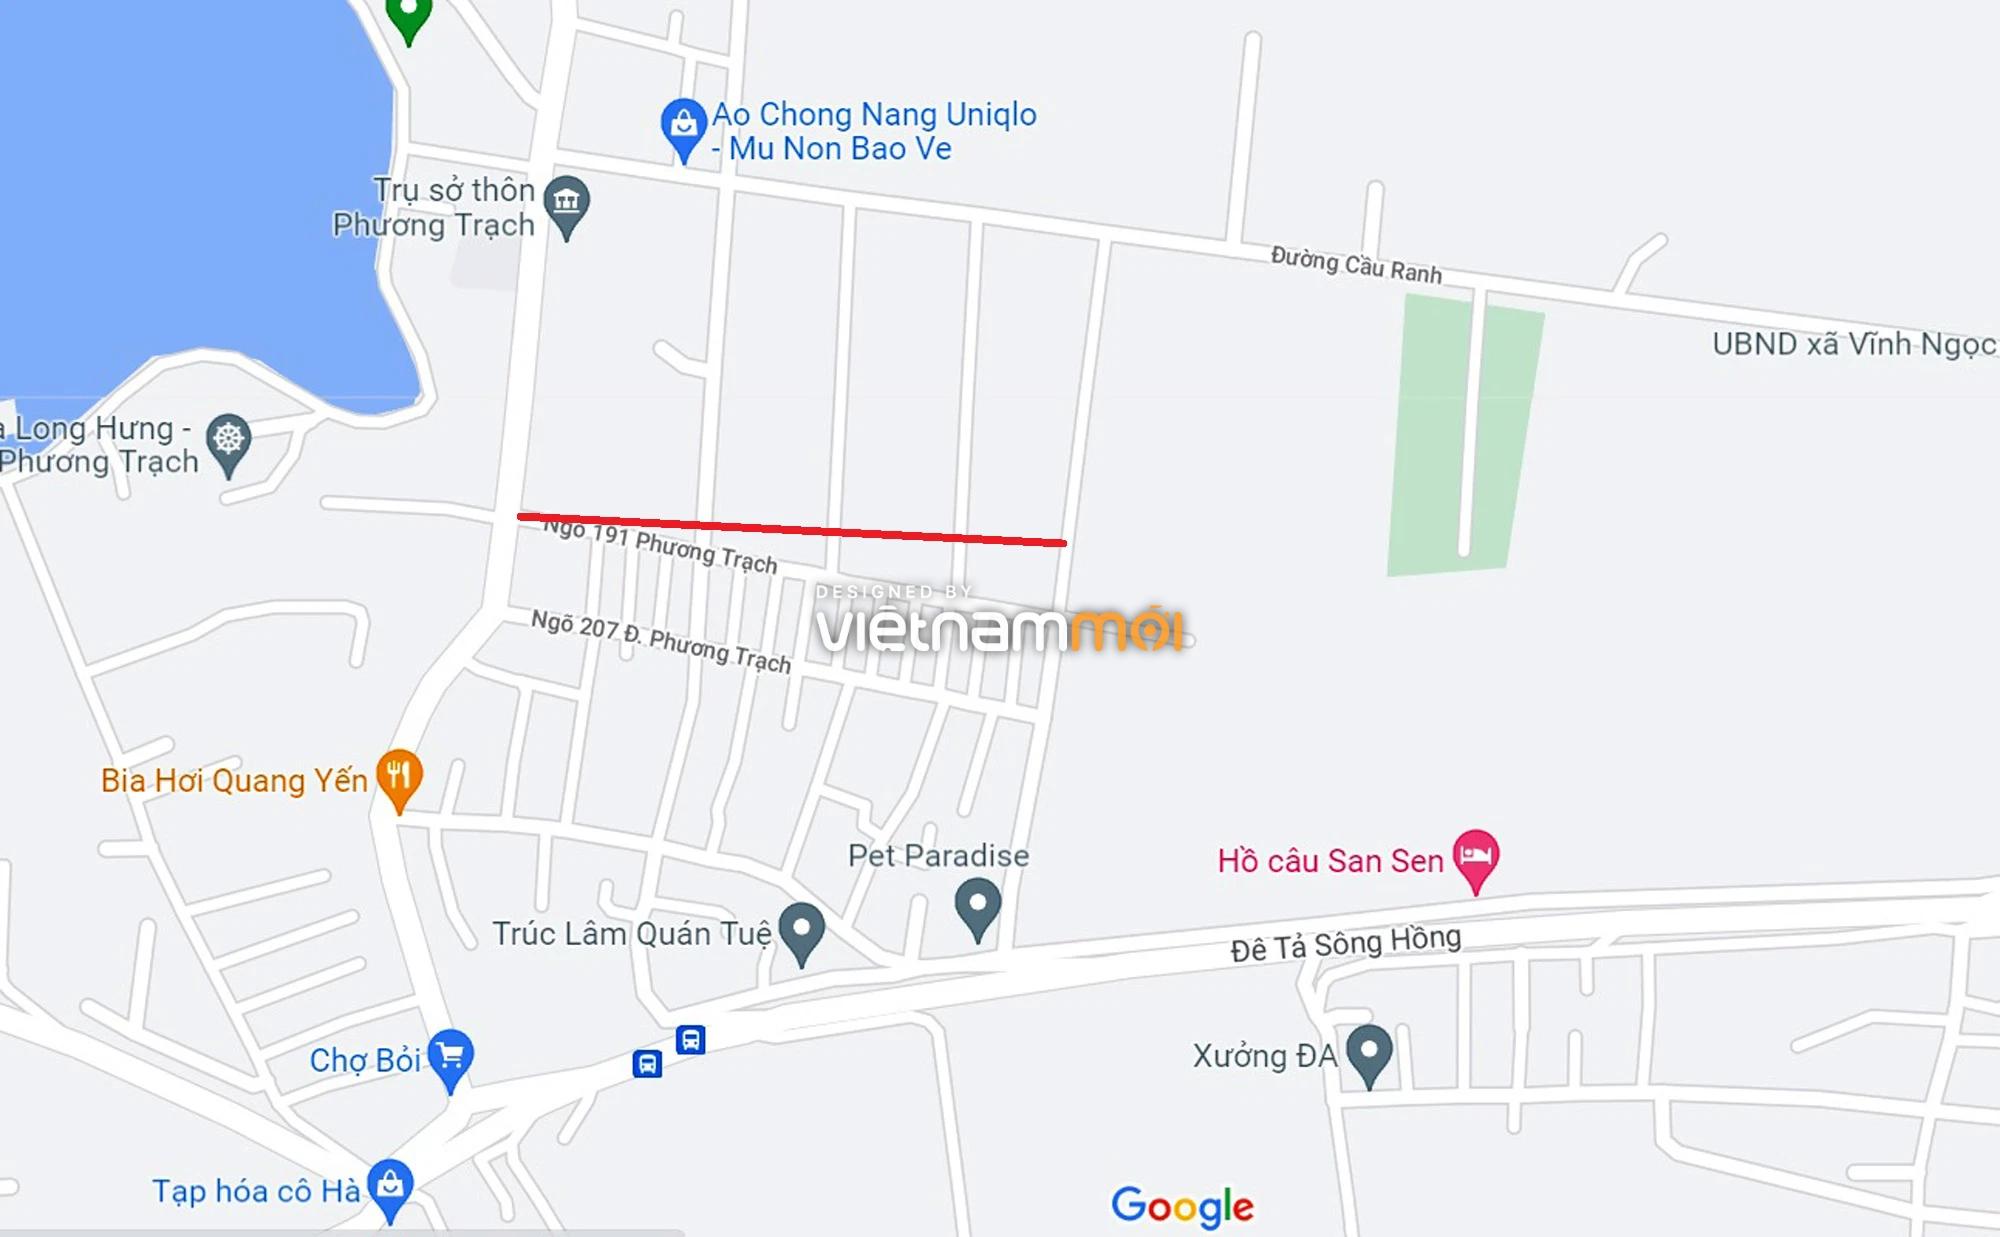 Đường sẽ mở theo quy hoạch xung quanh dự án Thành phố Thông minh Bắc Hà Nội (phần 4) - Ảnh 1.